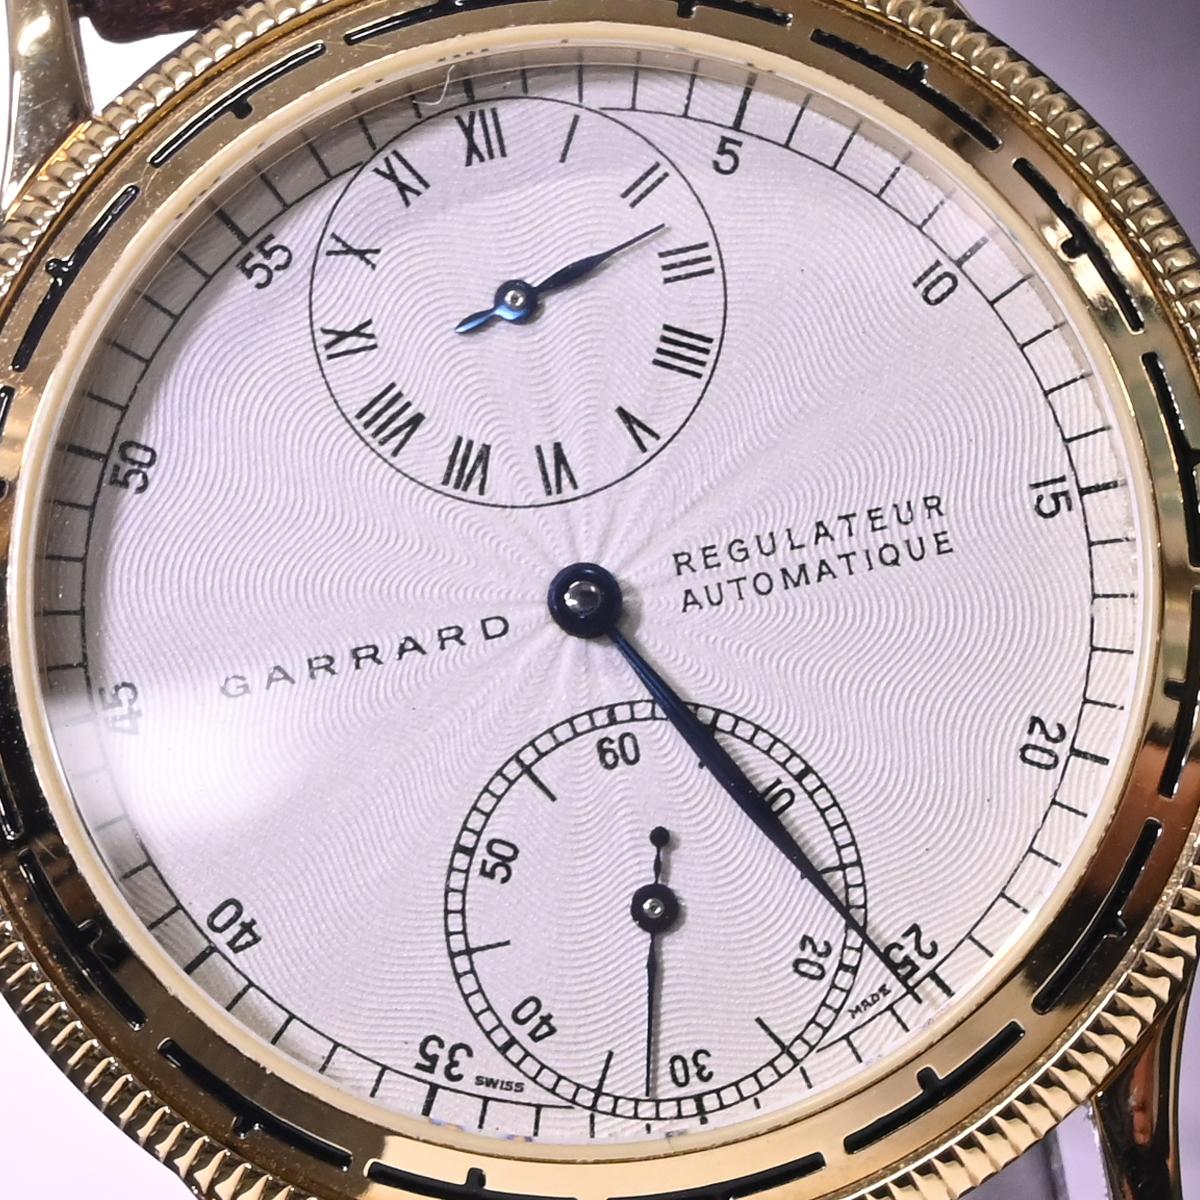 本物 極上品 英国 ガラード 極希少 独立針 レギュレーター オートマチック メンズウォッチ 裏スケ 男性用自動巻腕時計 保存箱付 GARRARD_画像3